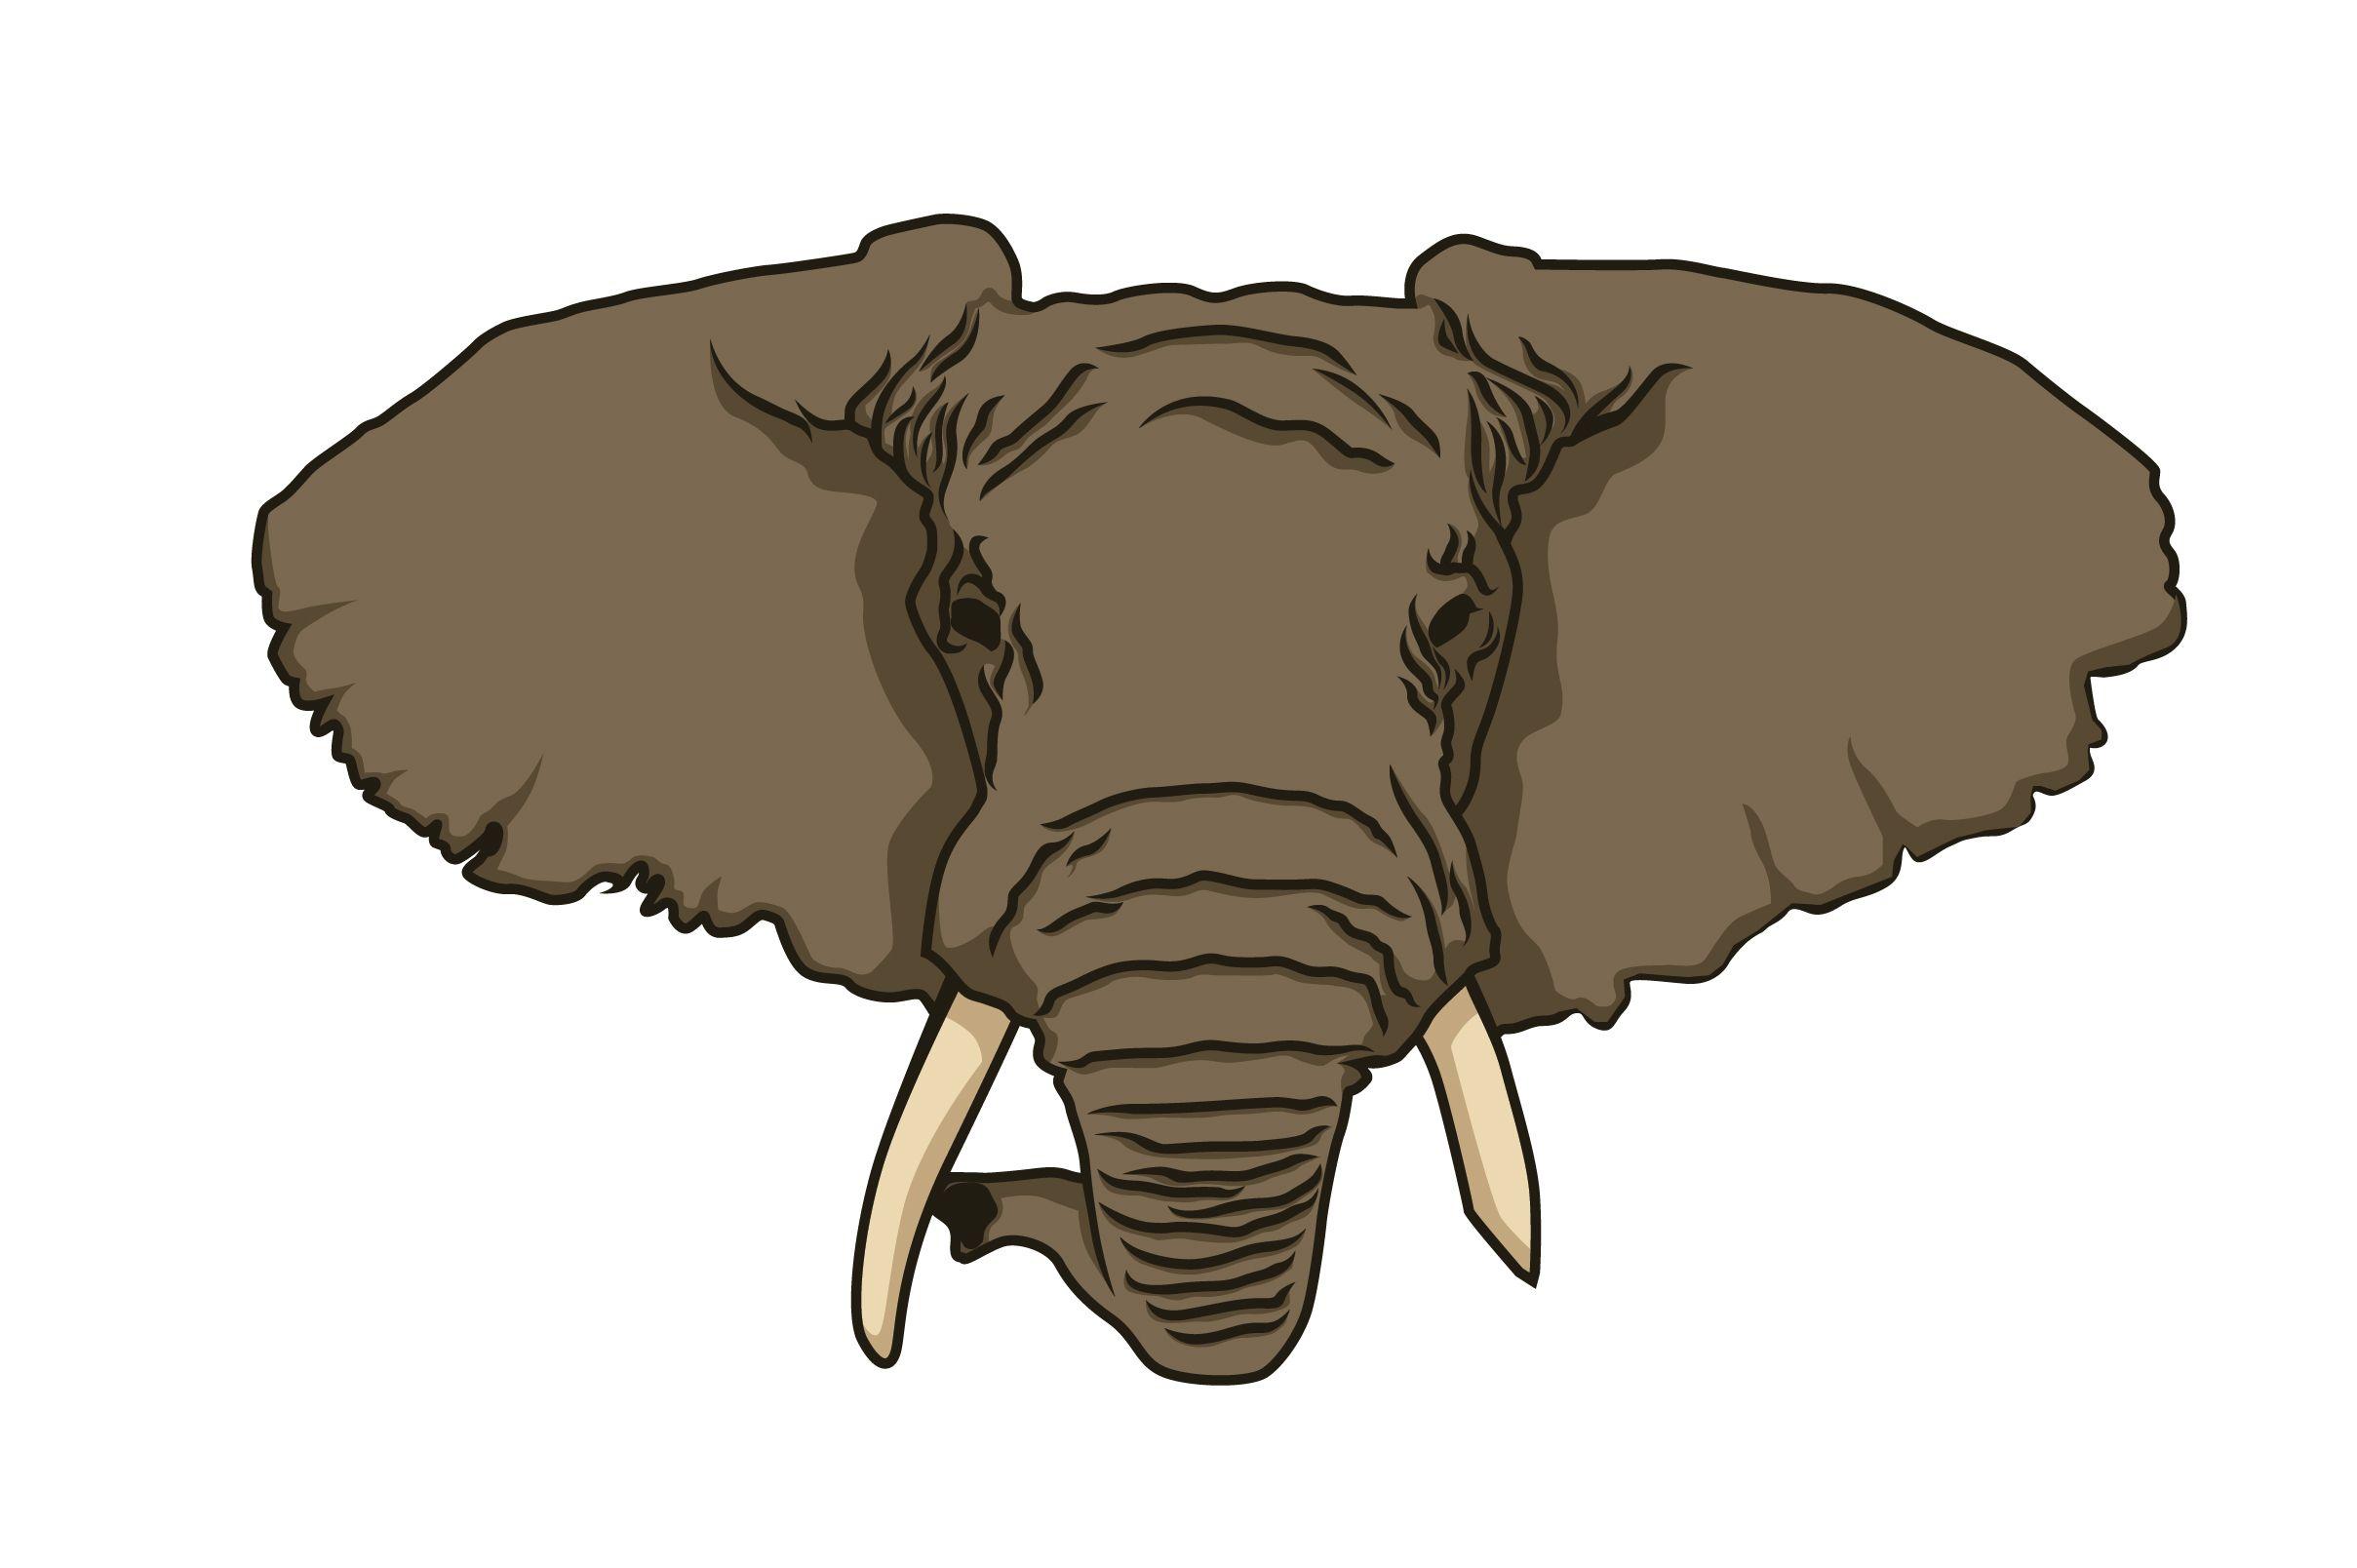 Elephant Head Vector Graphic By Pointzero Graphic Creative Fabrica Elefantenkopf